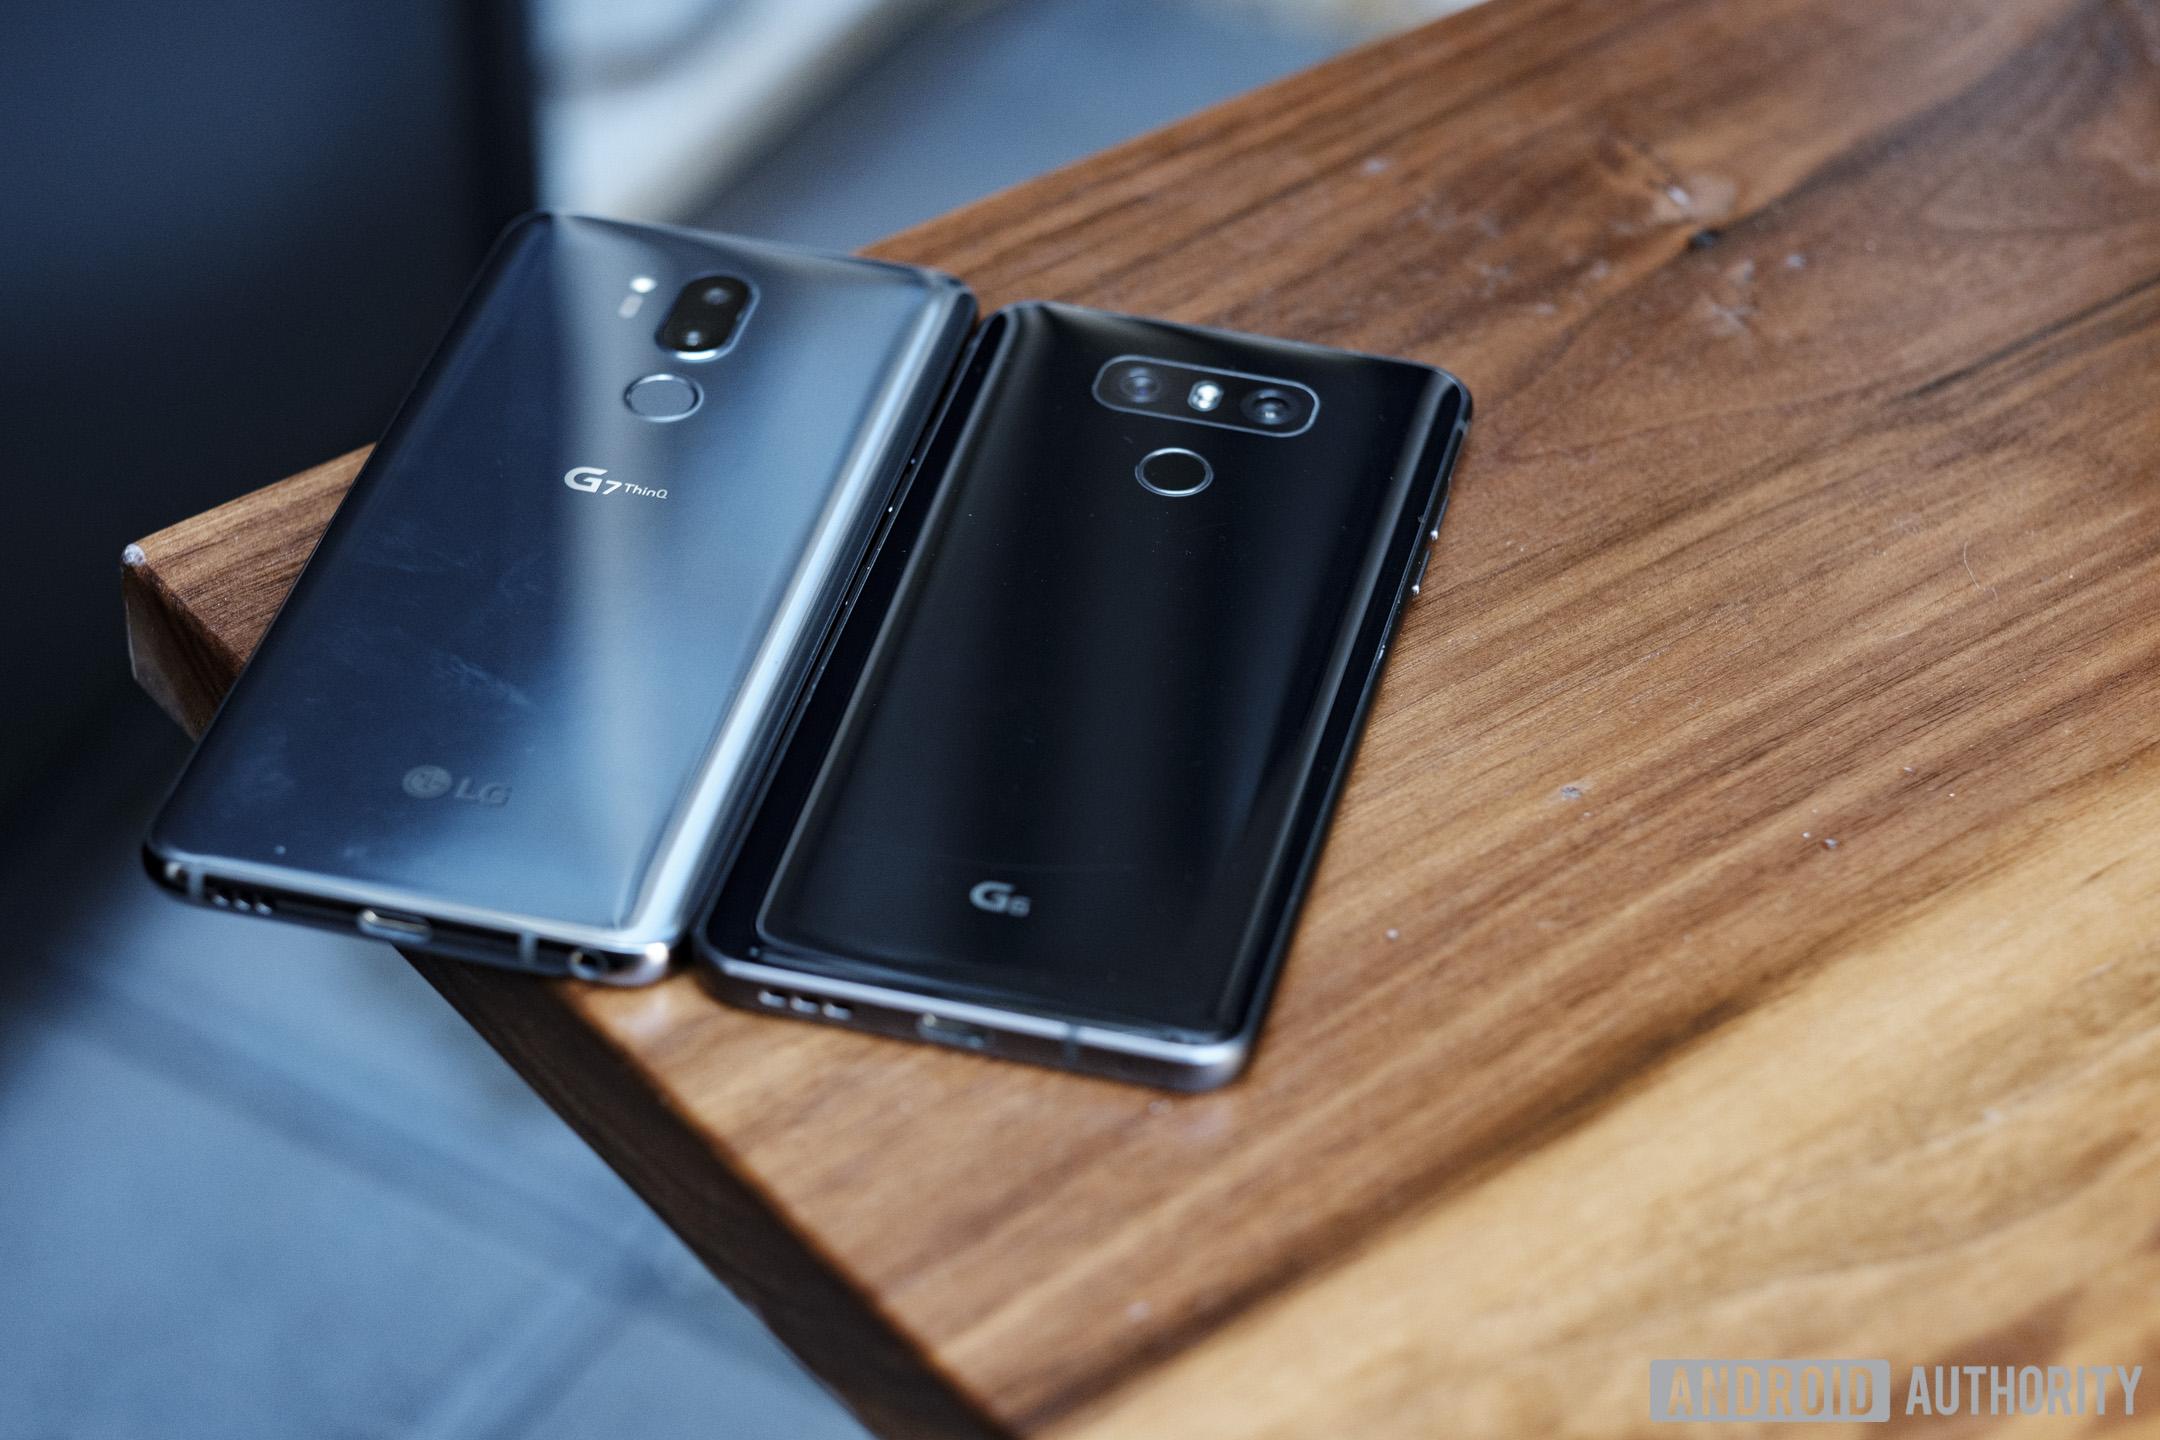 LG G7 vs LG G6 design